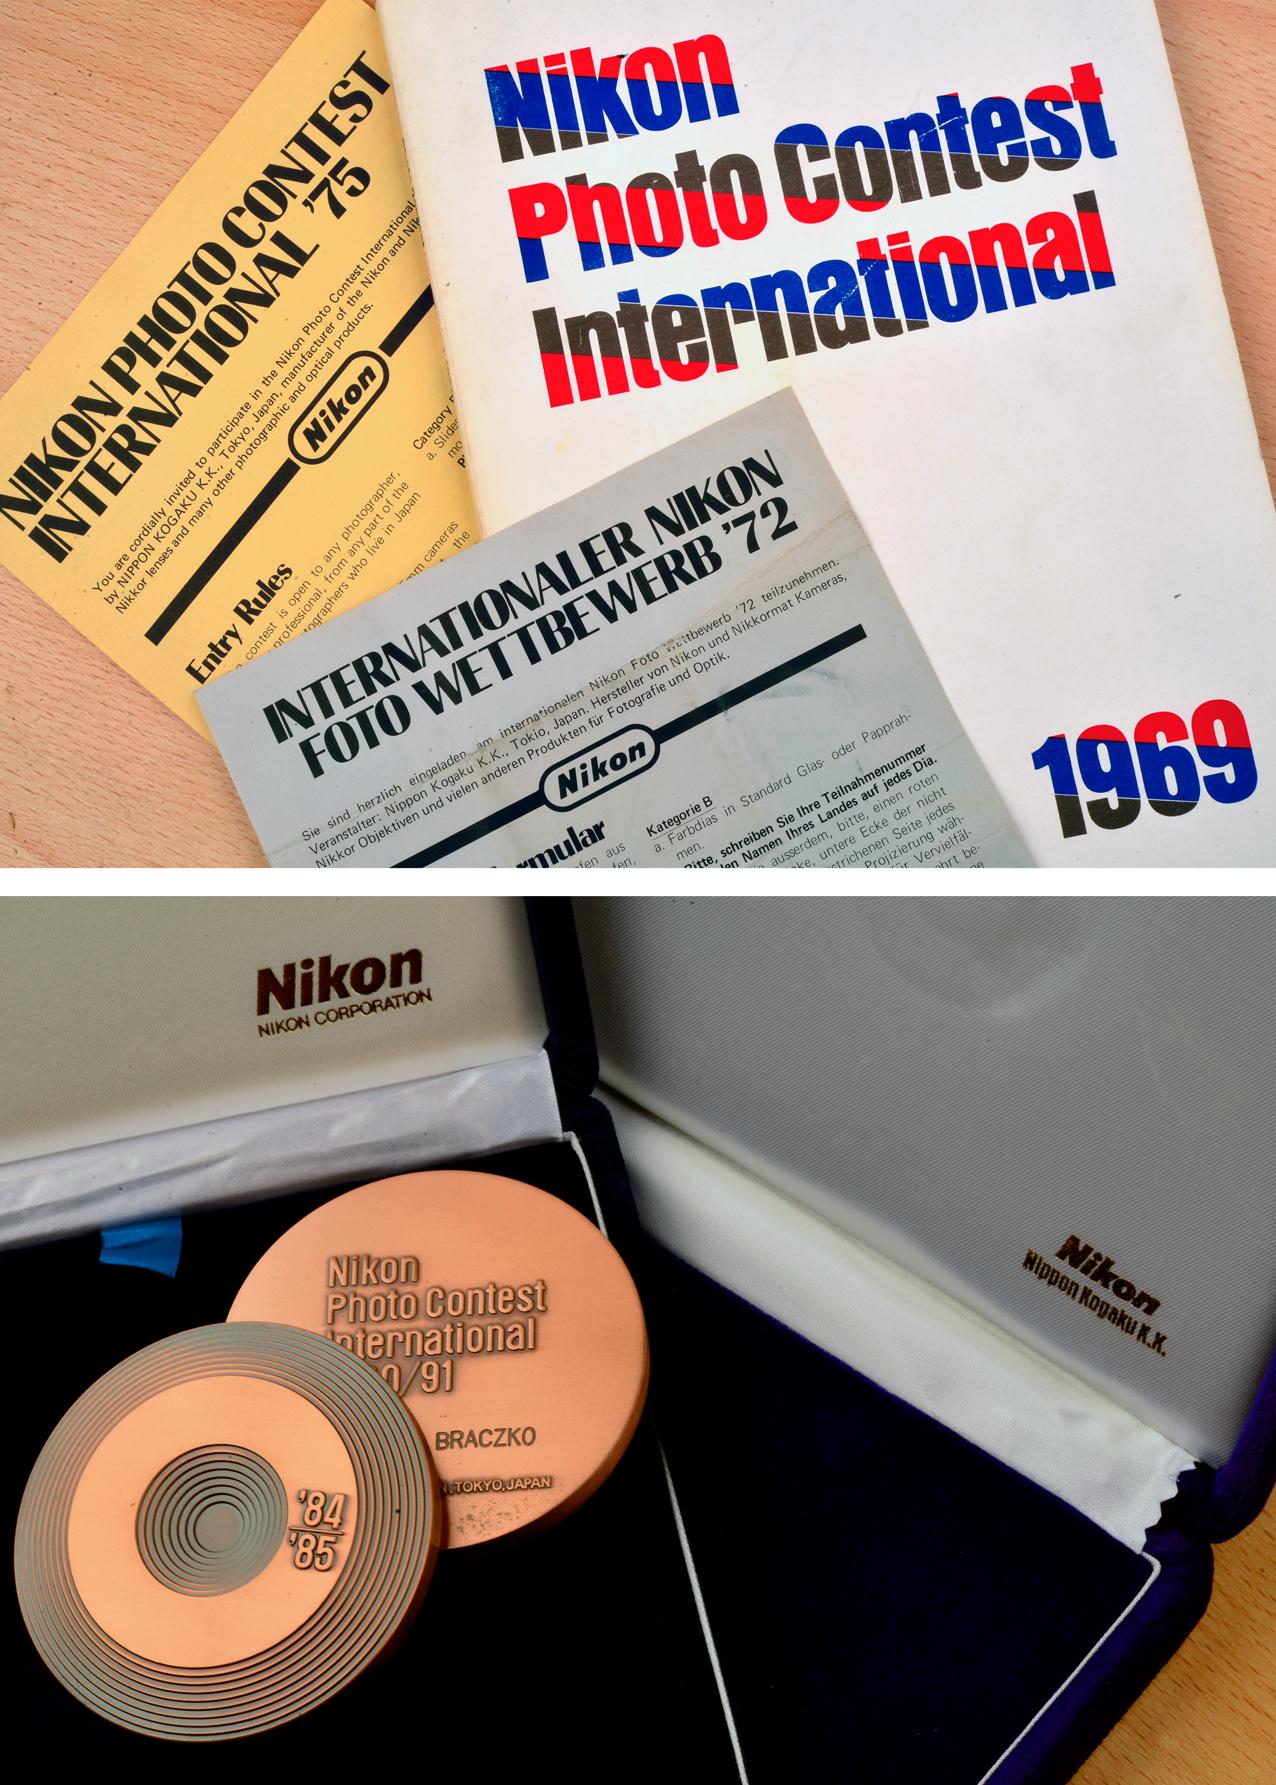 NikonContest-Montage-1982-BraczkoFoto.jpg